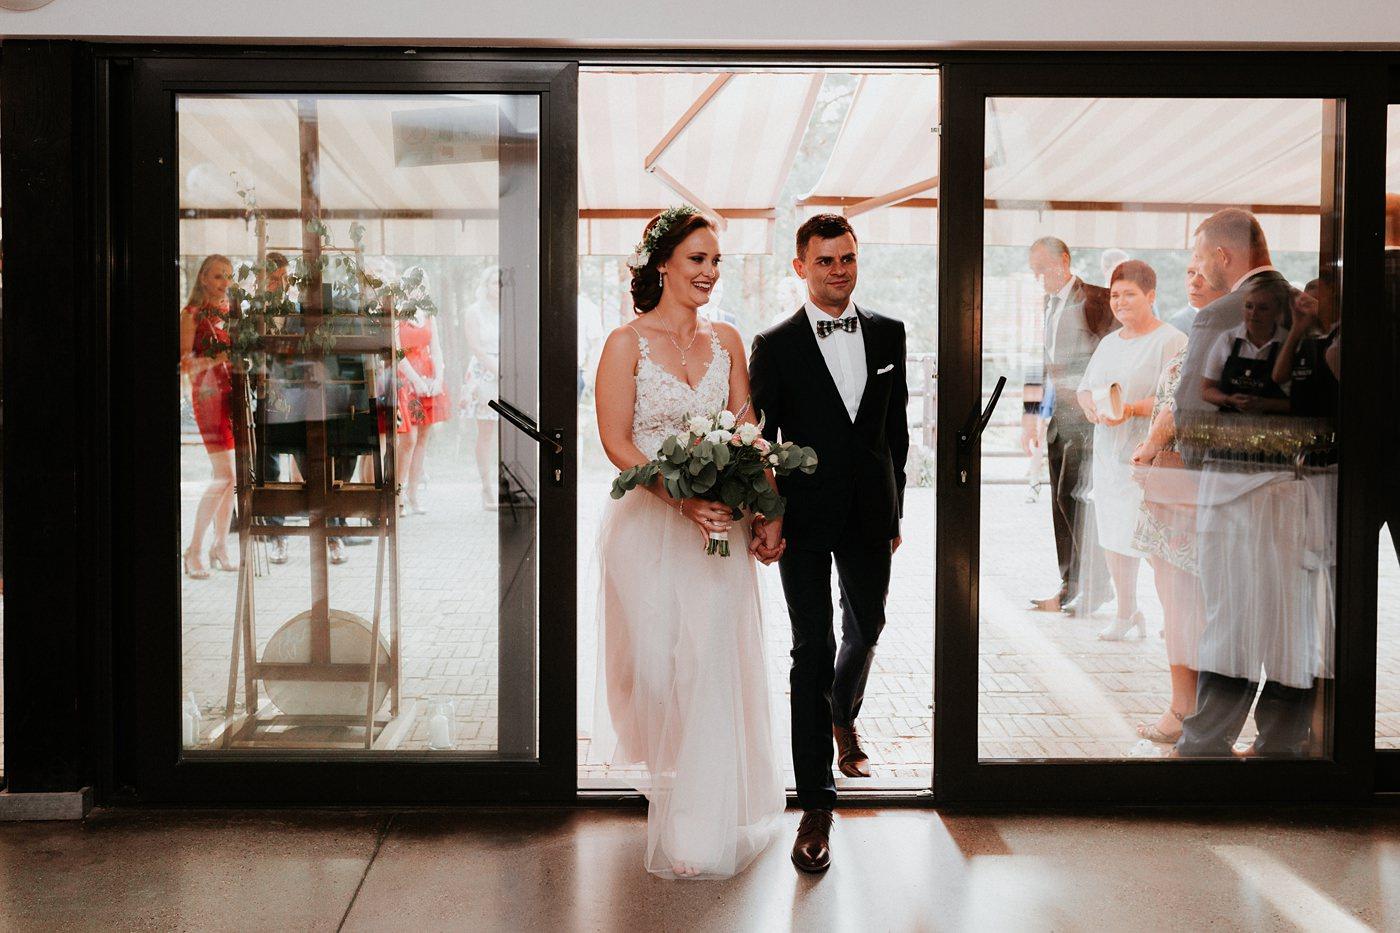 Anna & Wojtek - Ślub cywilny w plenerze - Barnówko w Sam Las 73